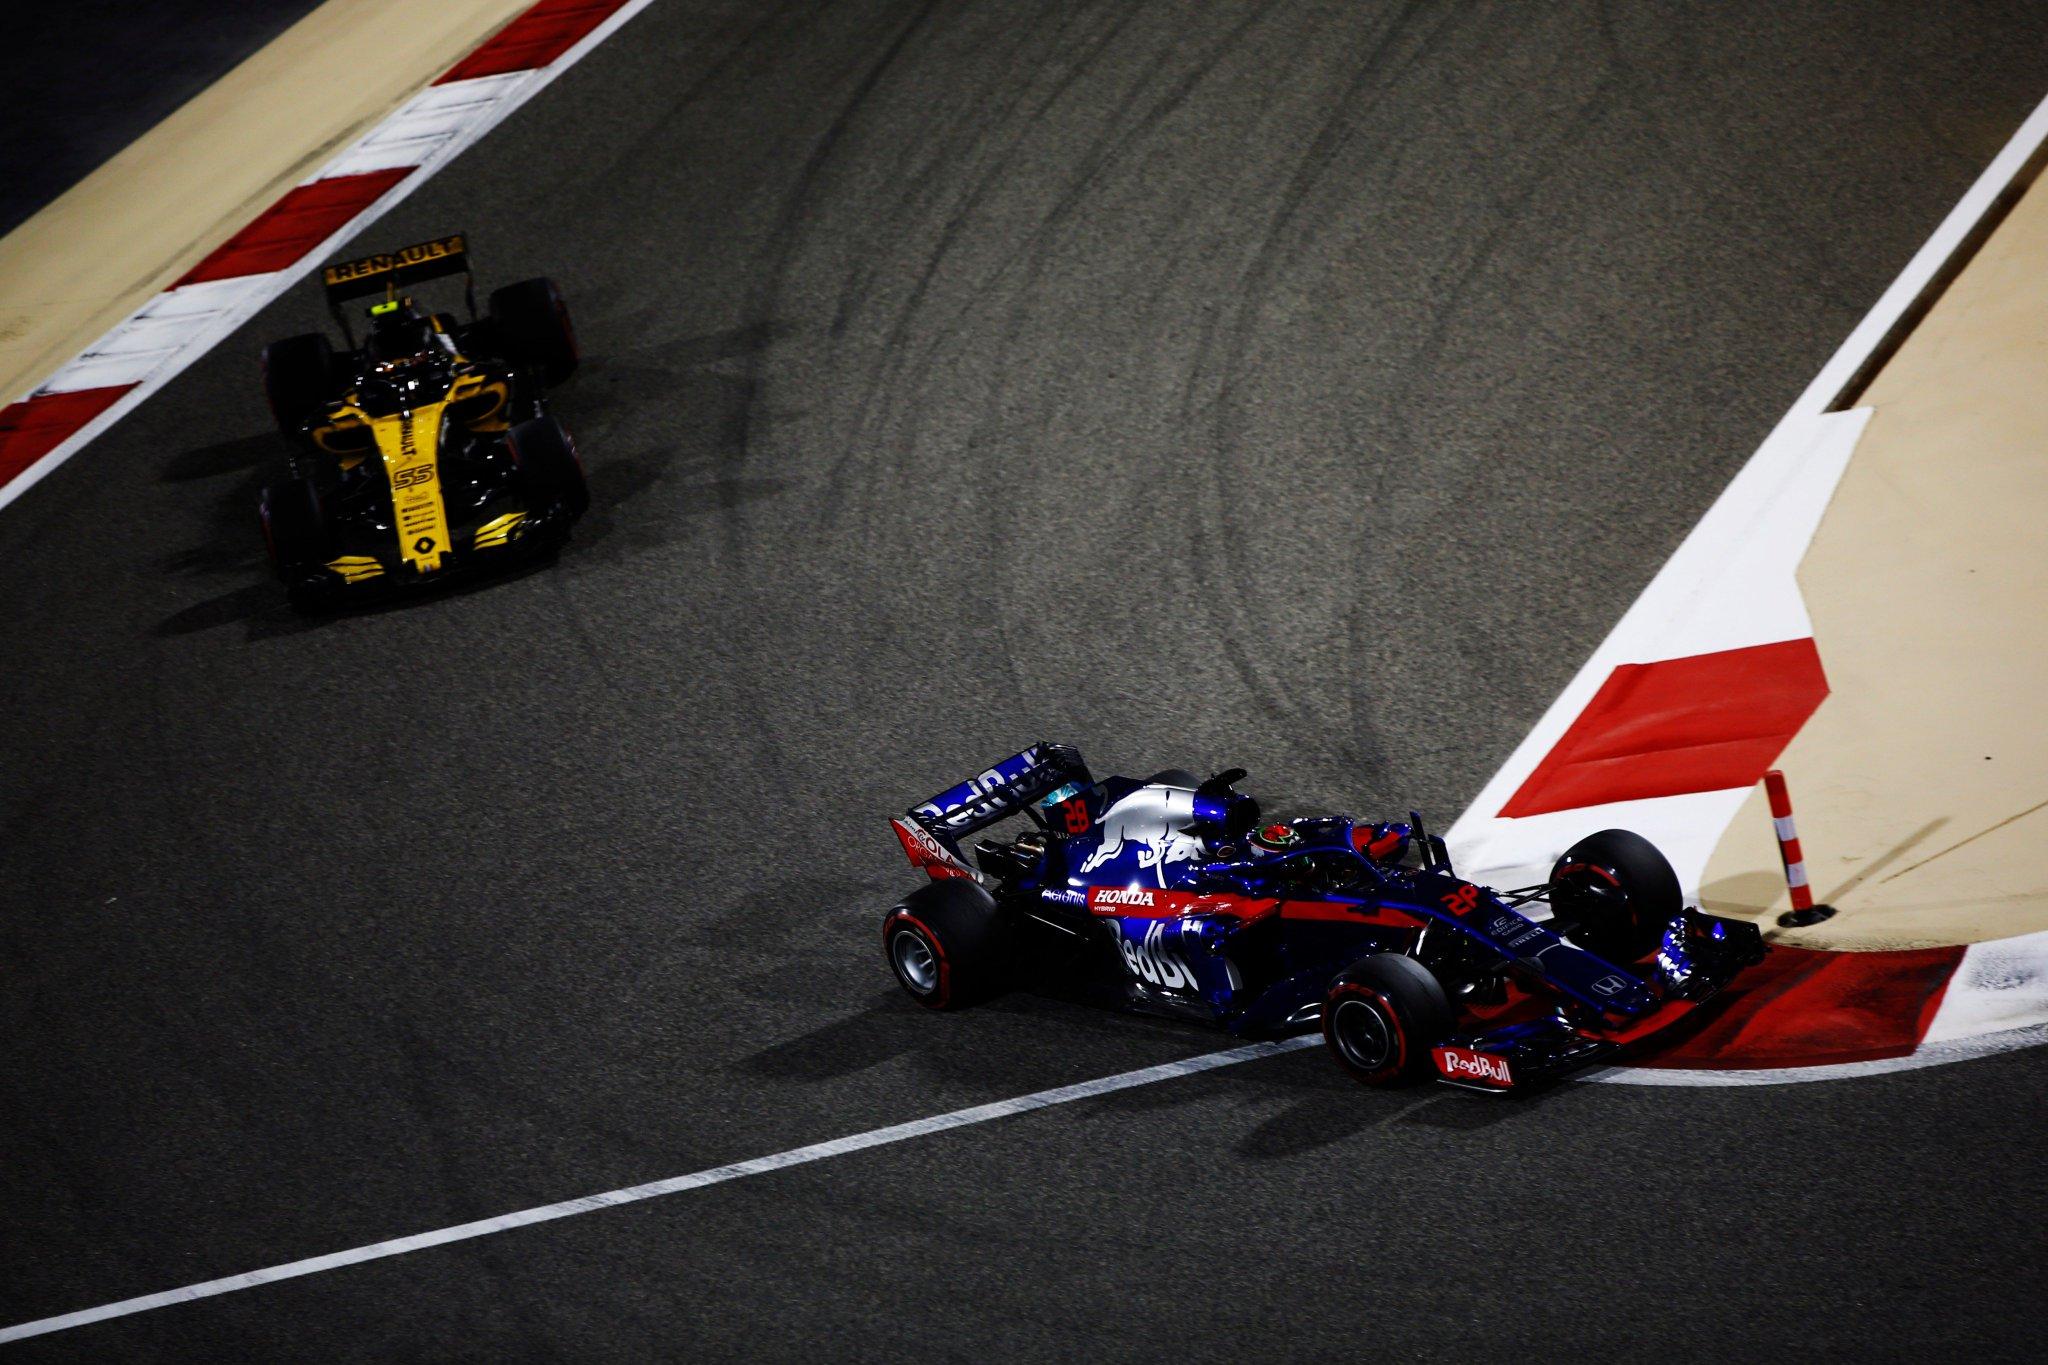 Hondaモータースポーツlive On Twitter F1jp 第2戦バーレーンgp